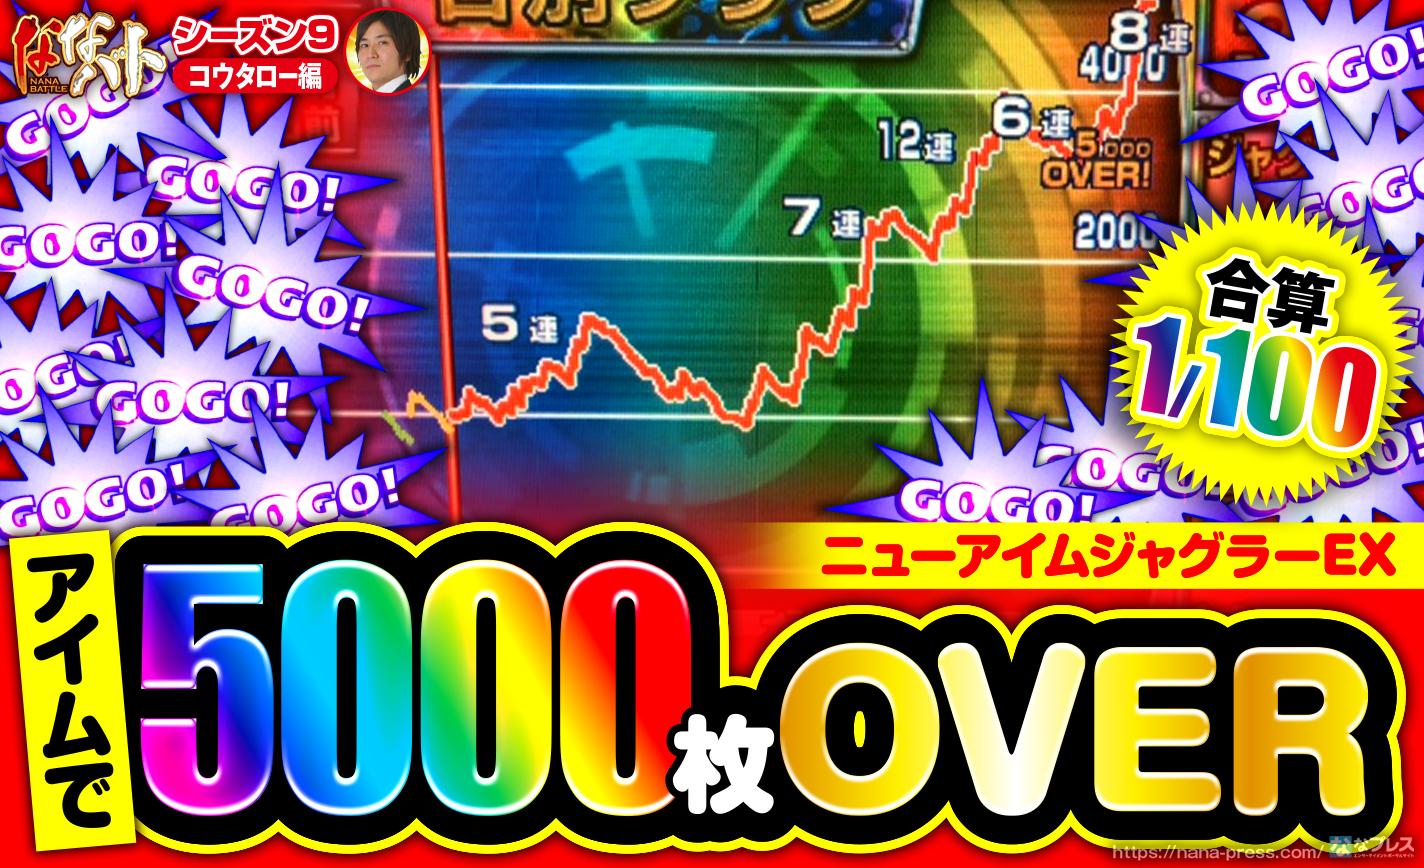 【ニューアイムジャグラーEX】合算1/100で5000枚オーバー!!設定6を確信した台で数年に1度のヒキを発揮! eyecatch-image